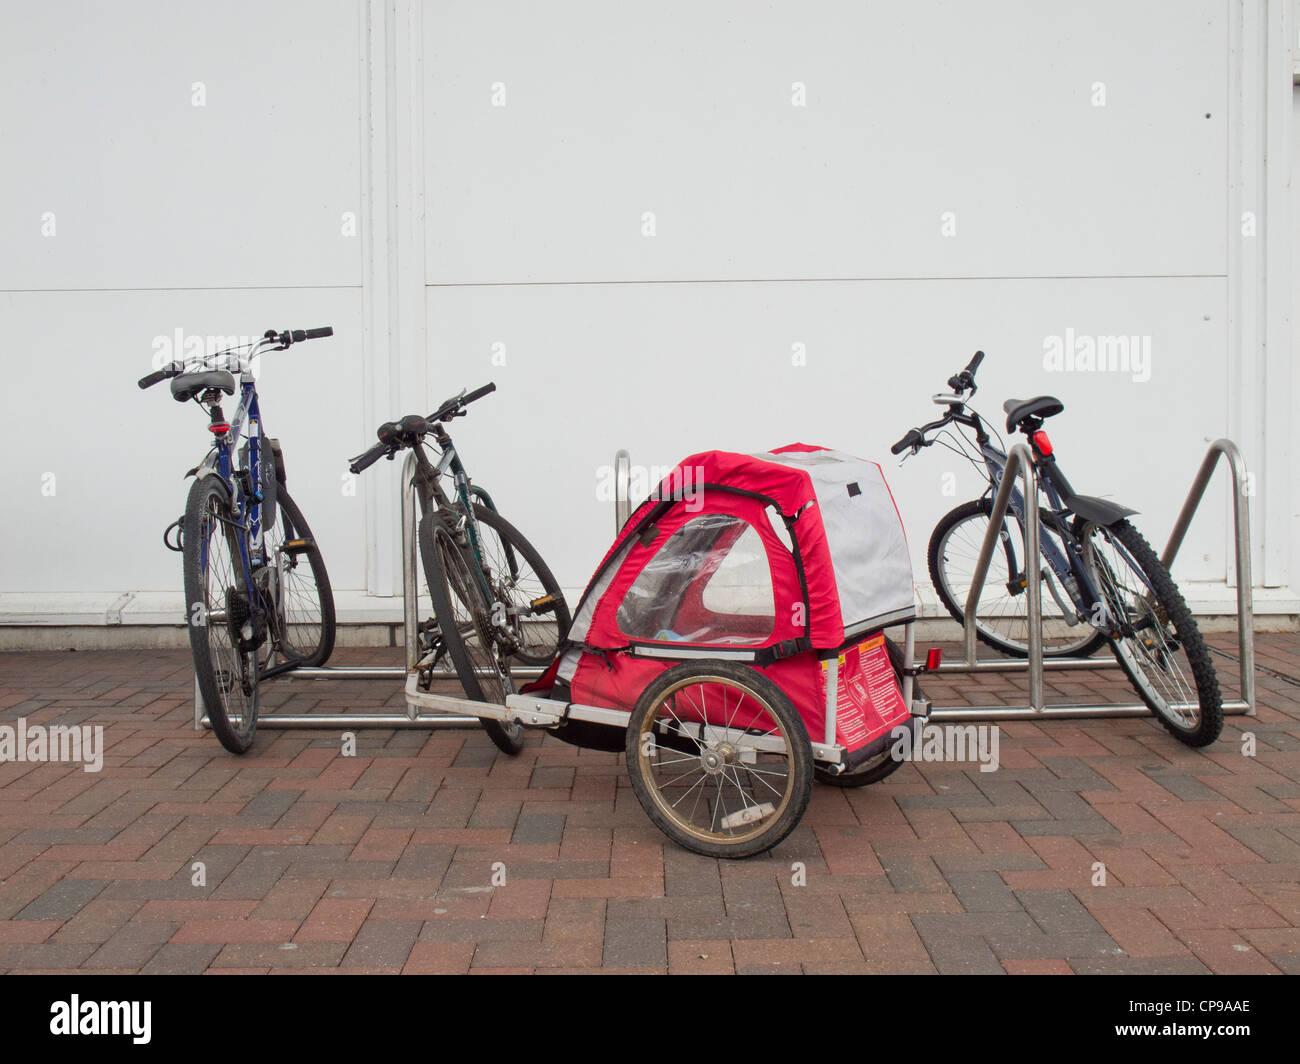 Con bicicletas y aparcamiento para bicicletas remolque de bicicleta. Imagen De Stock